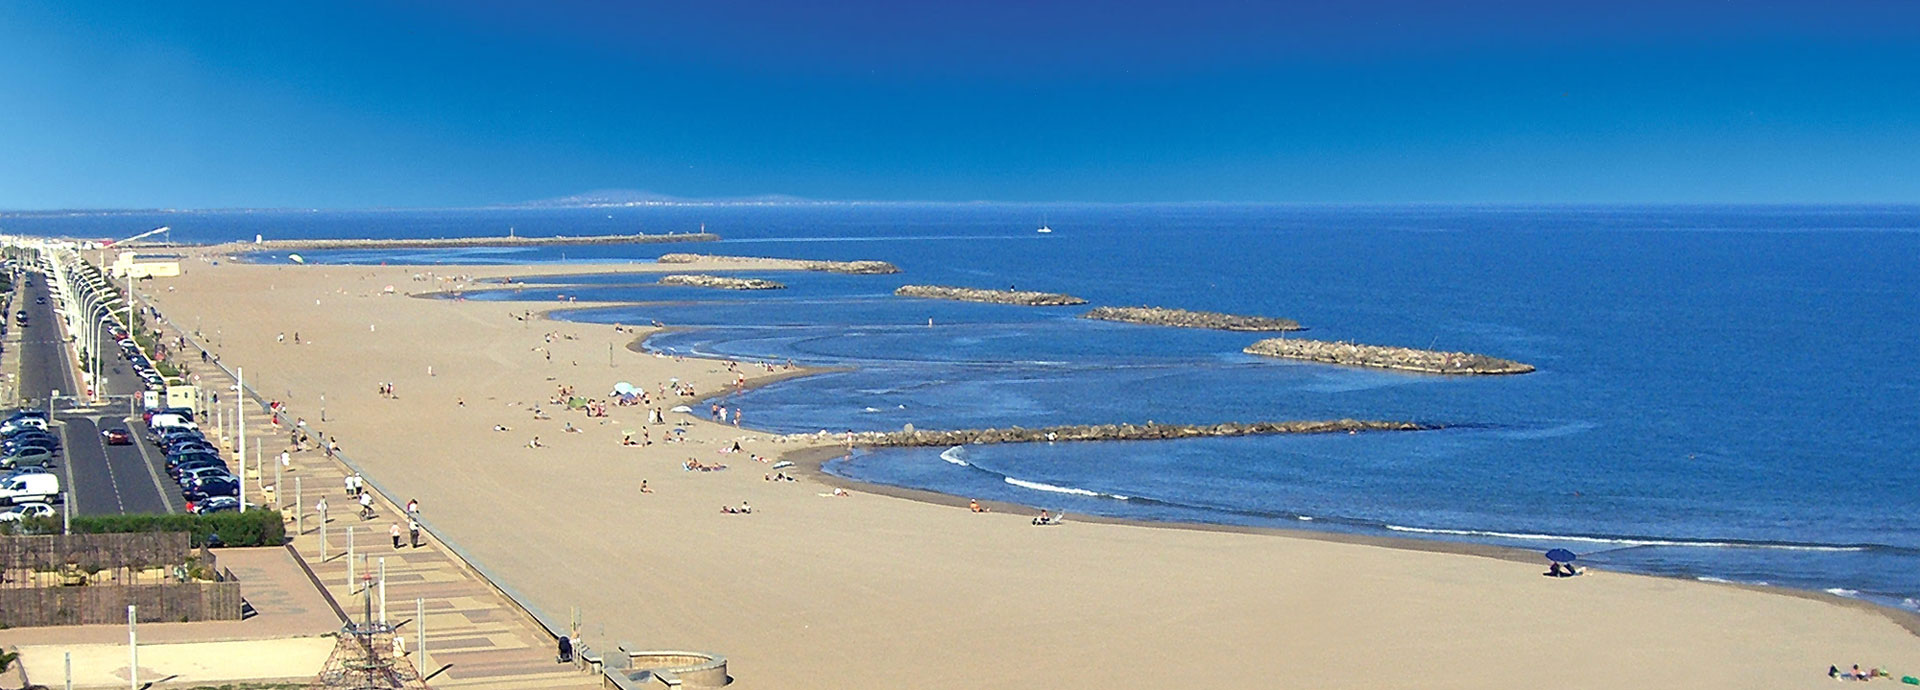 Les plus belles plages du monde - Page 2 Slide_decouvrir_valras3